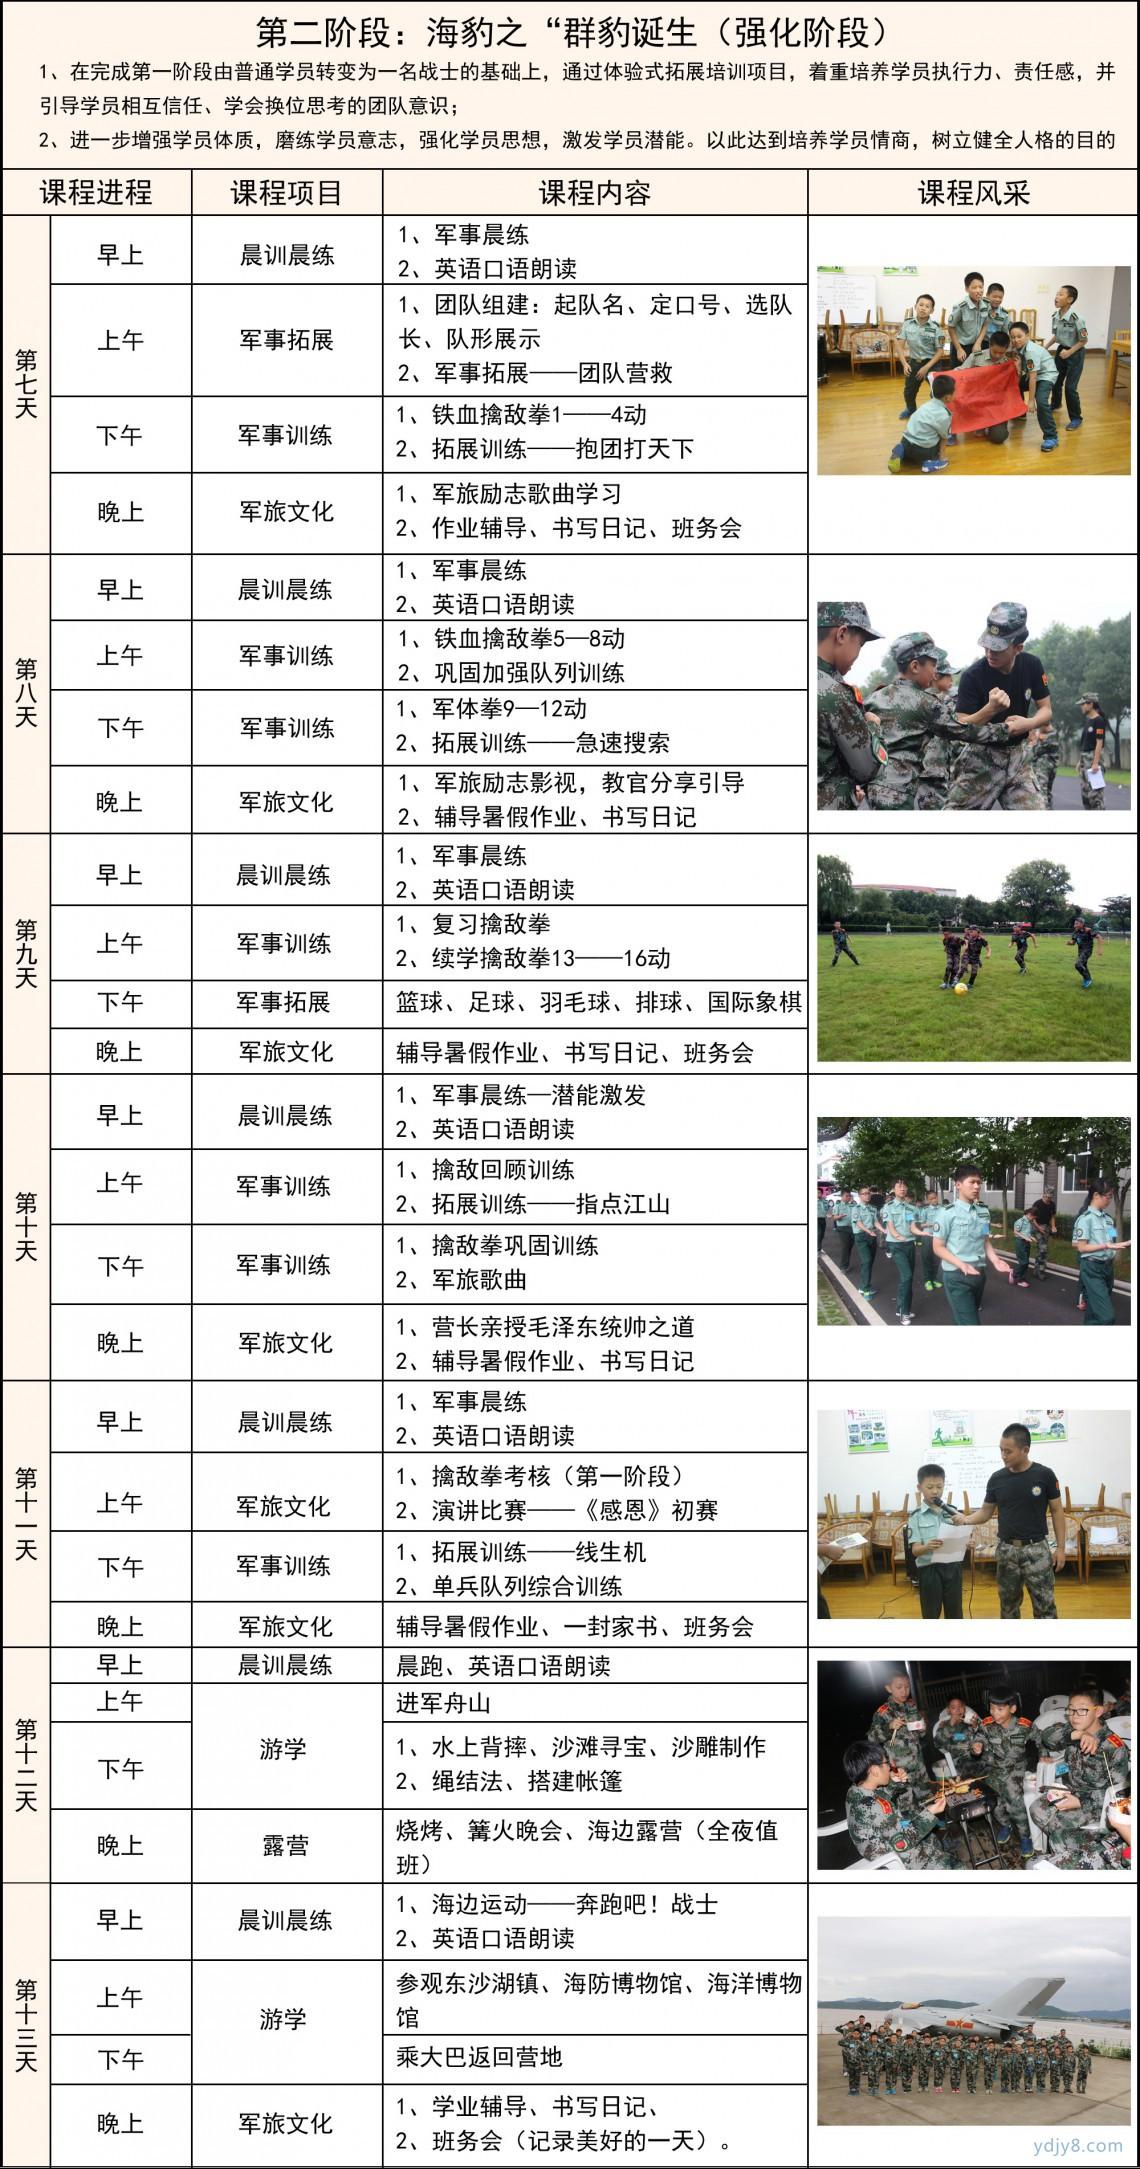 11、28天课程安排信息